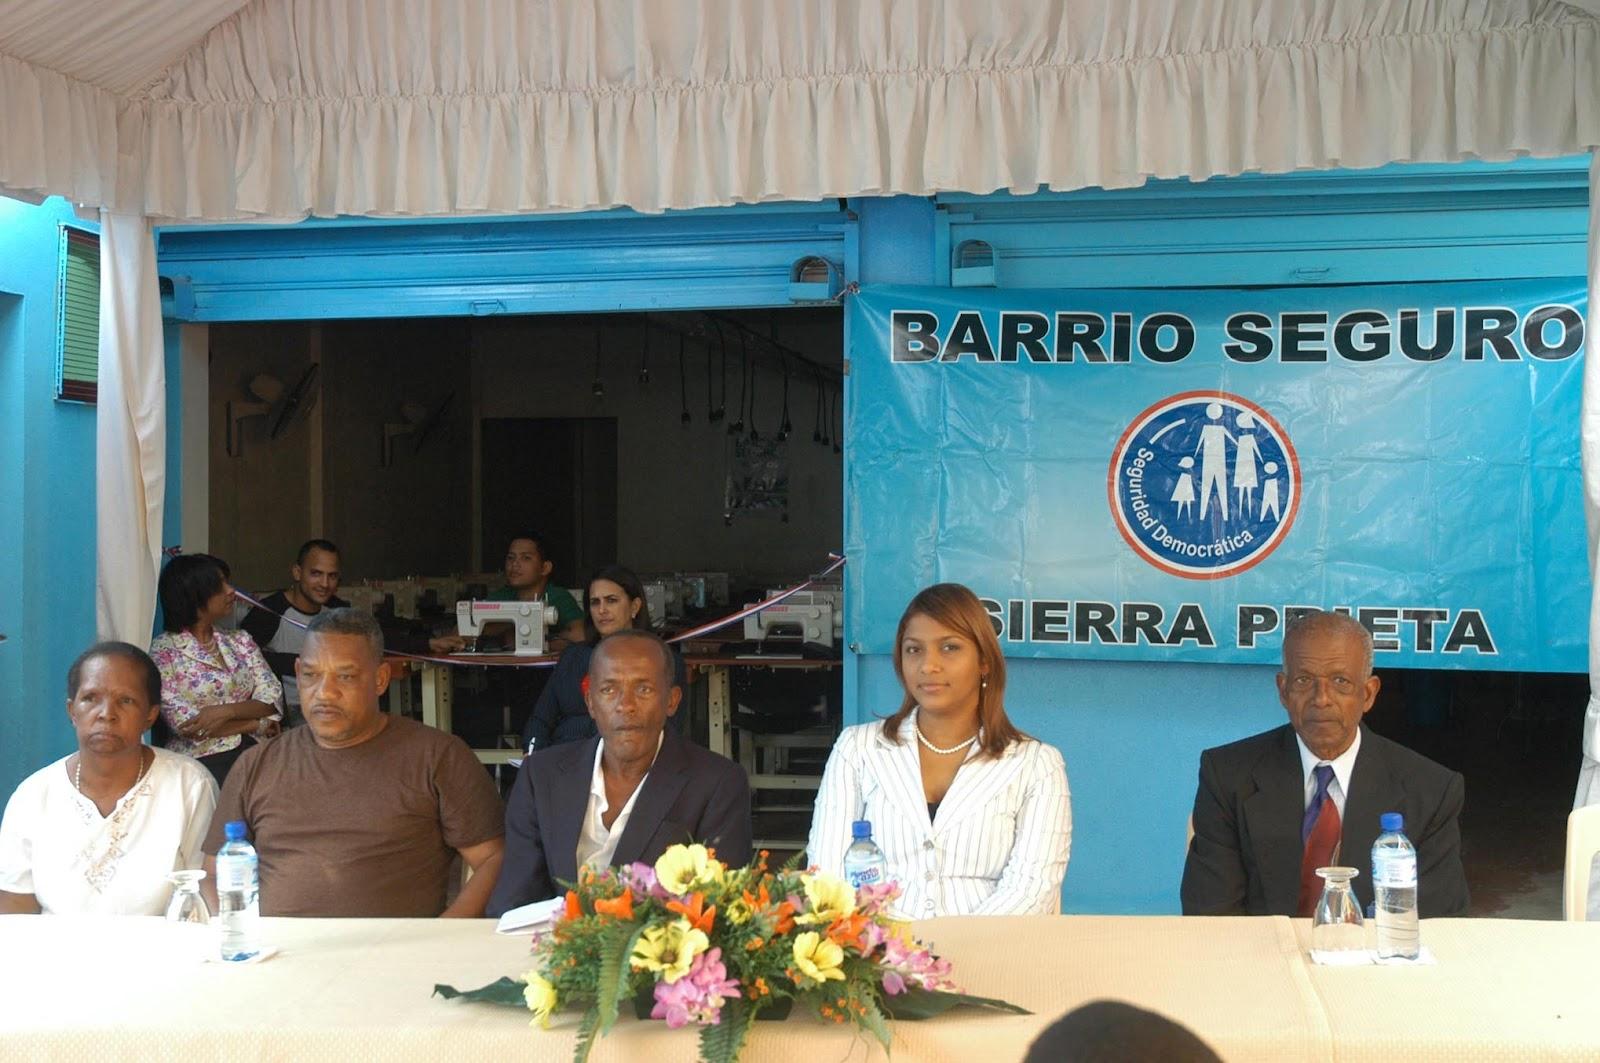 Sd norte ministerio de interior y policia inaugura tres for Ministerio interior y policia